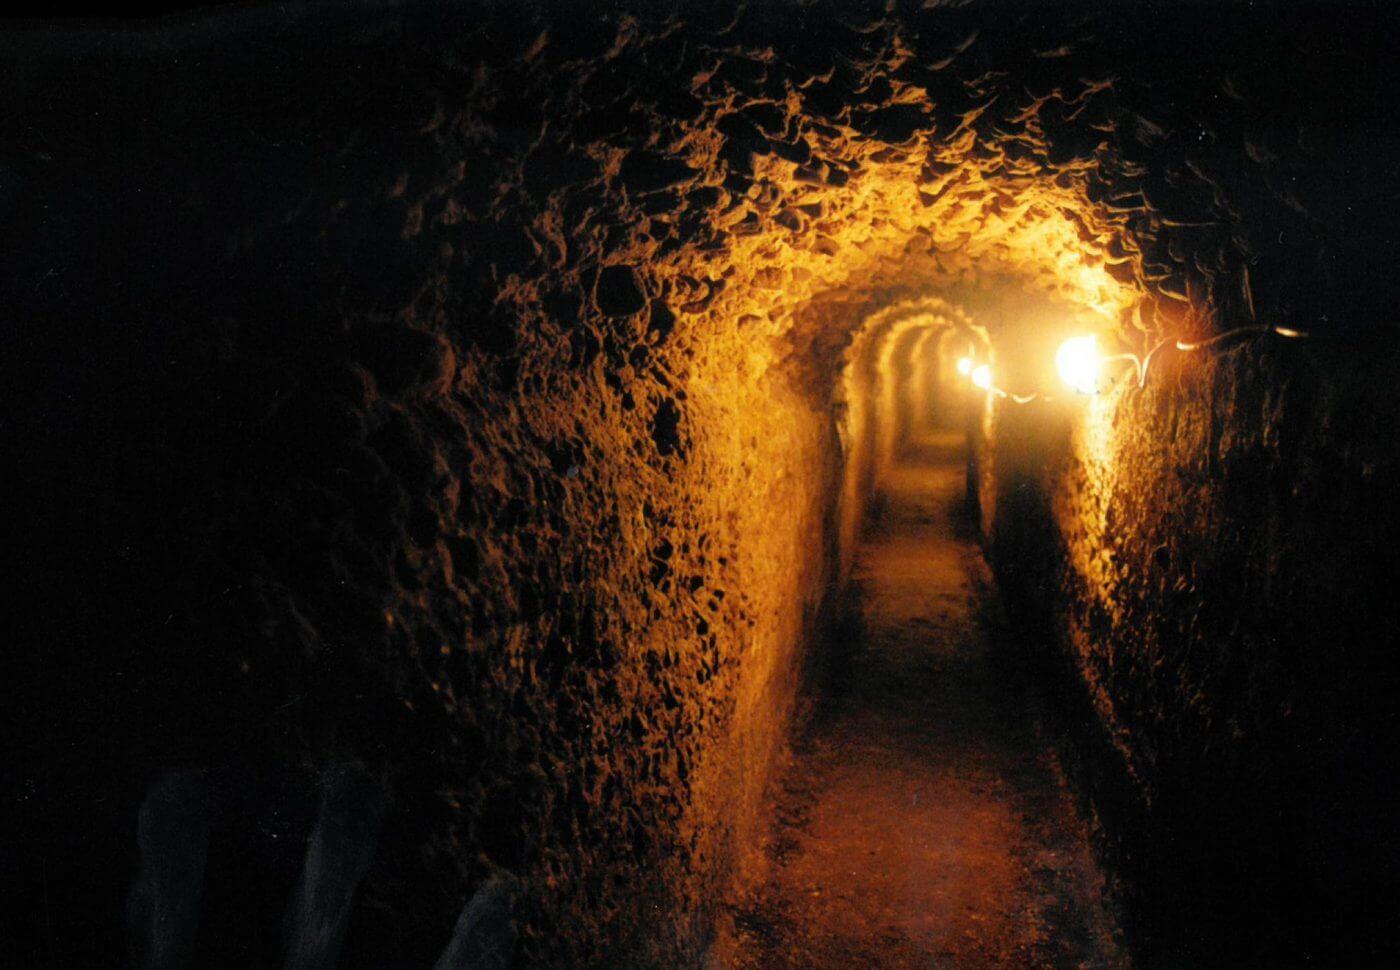 Amigos de la Historia de Calahorra intervendrá en el interior de la cloaca romana e iniciará una campaña de micromecenazgo